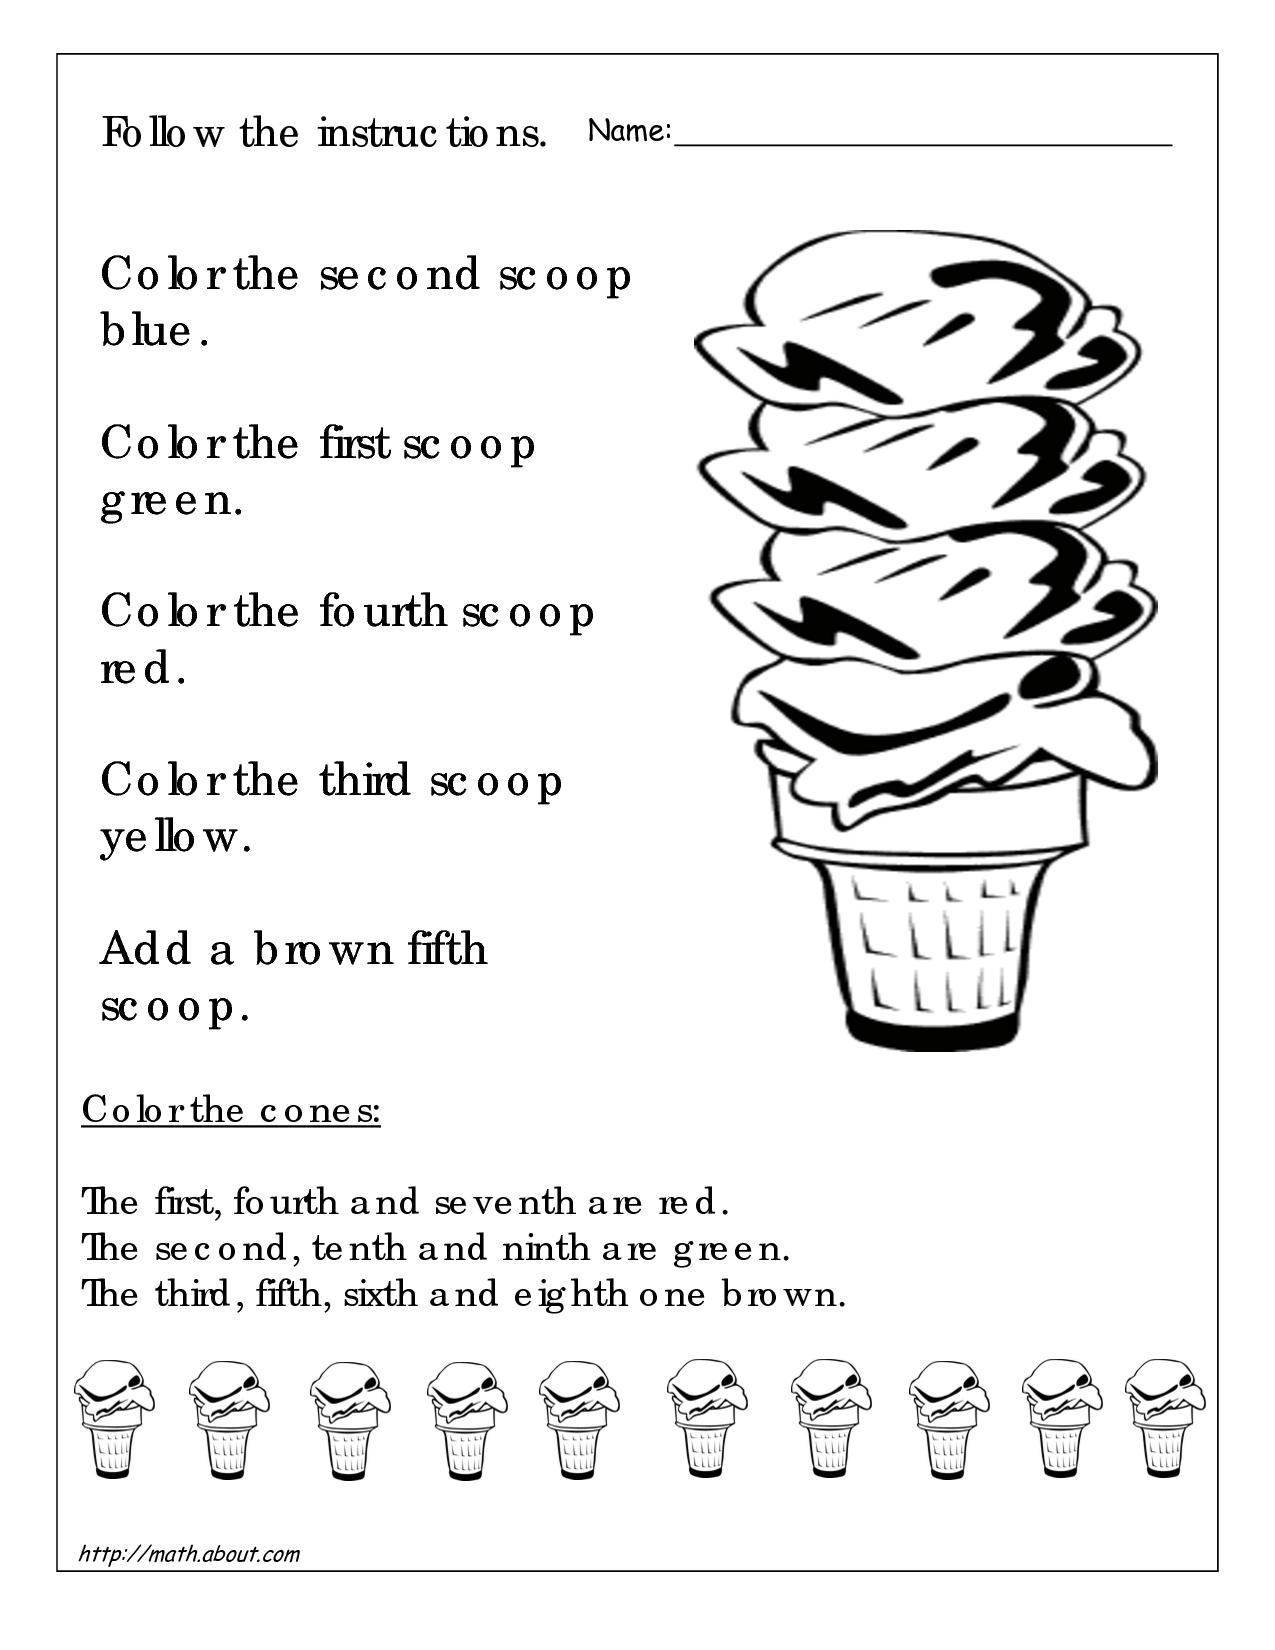 Worksheet 4th Grade Spelling Worksheets Worksheet Fun